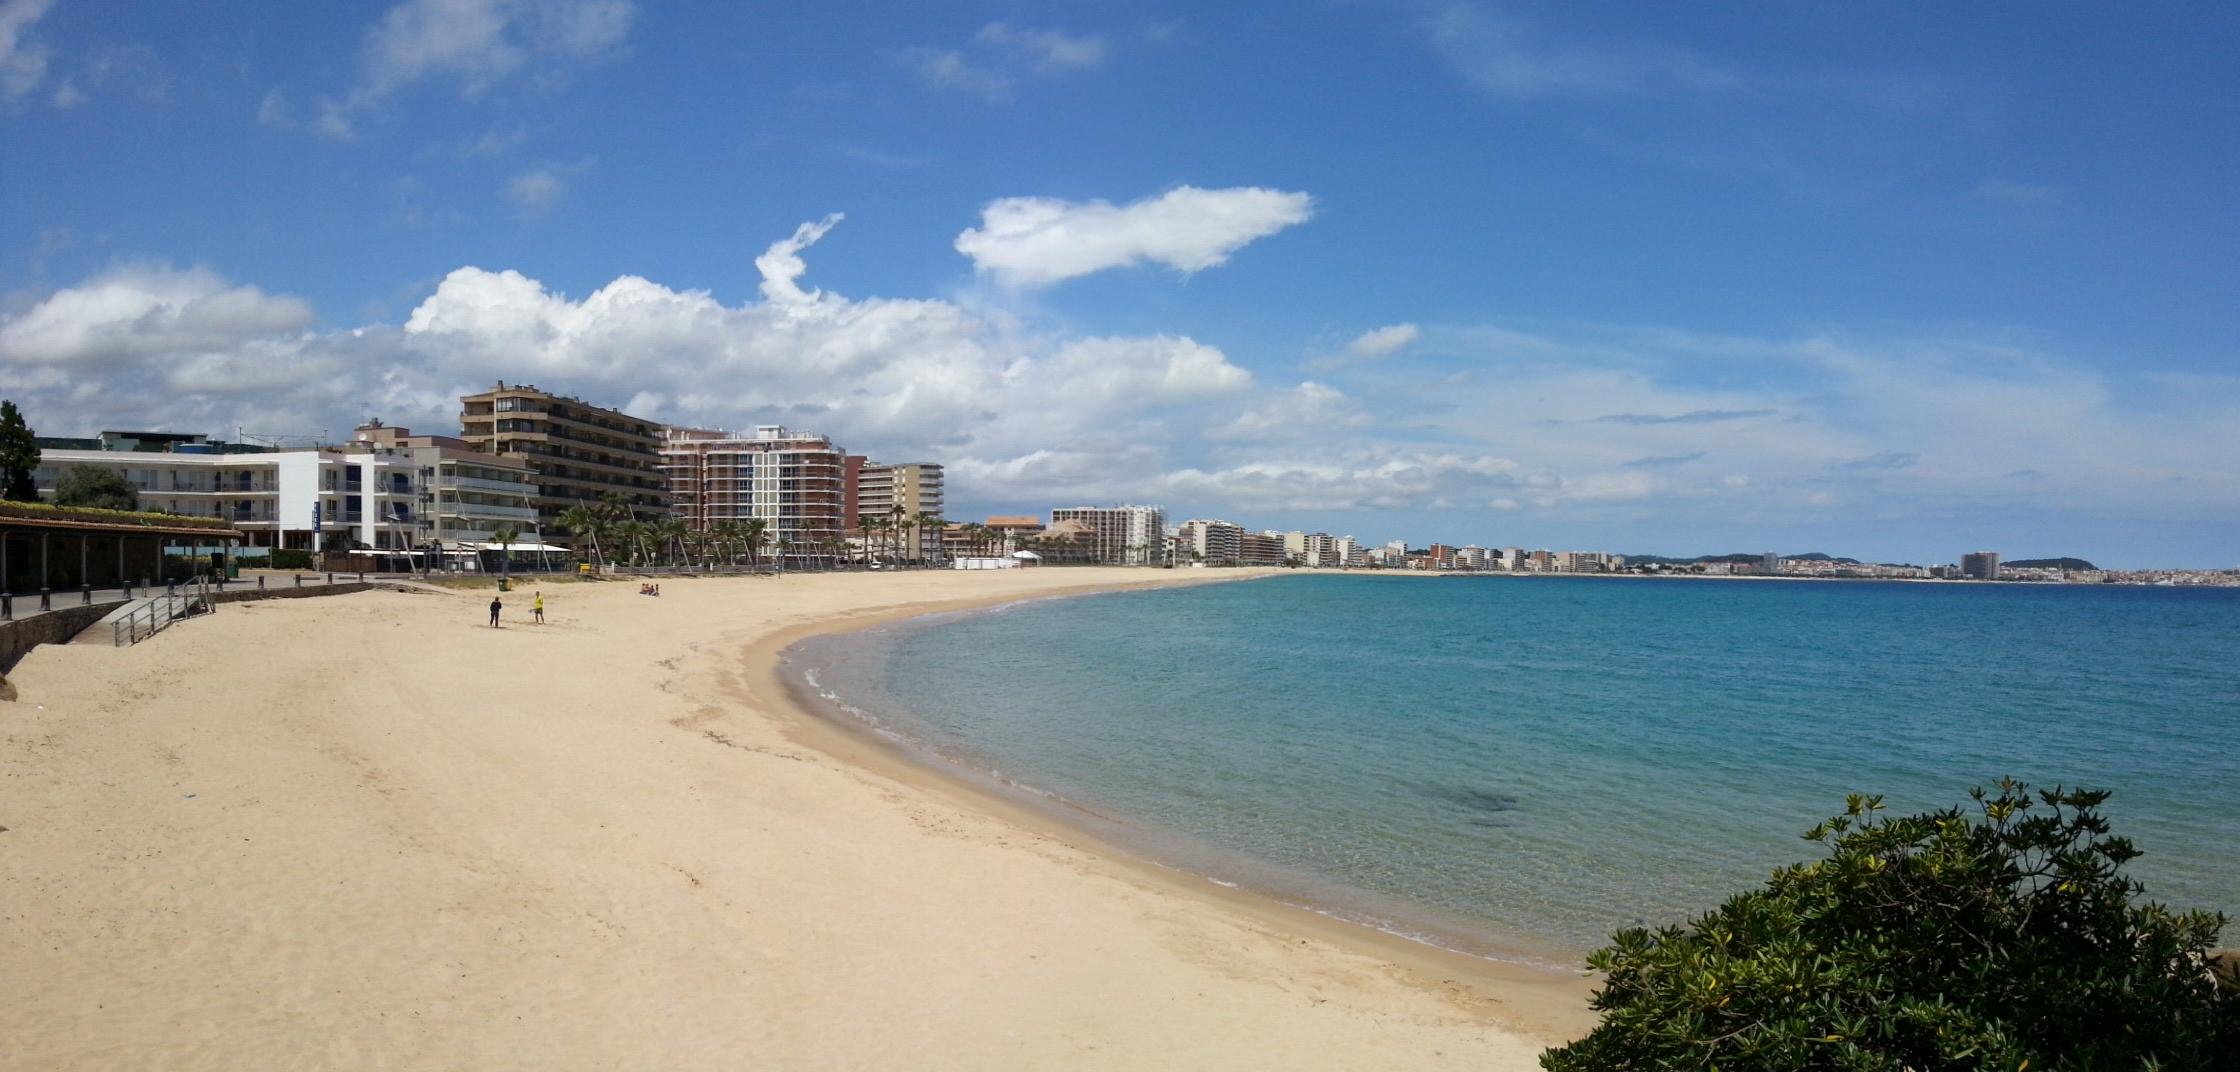 The bay around Palamos